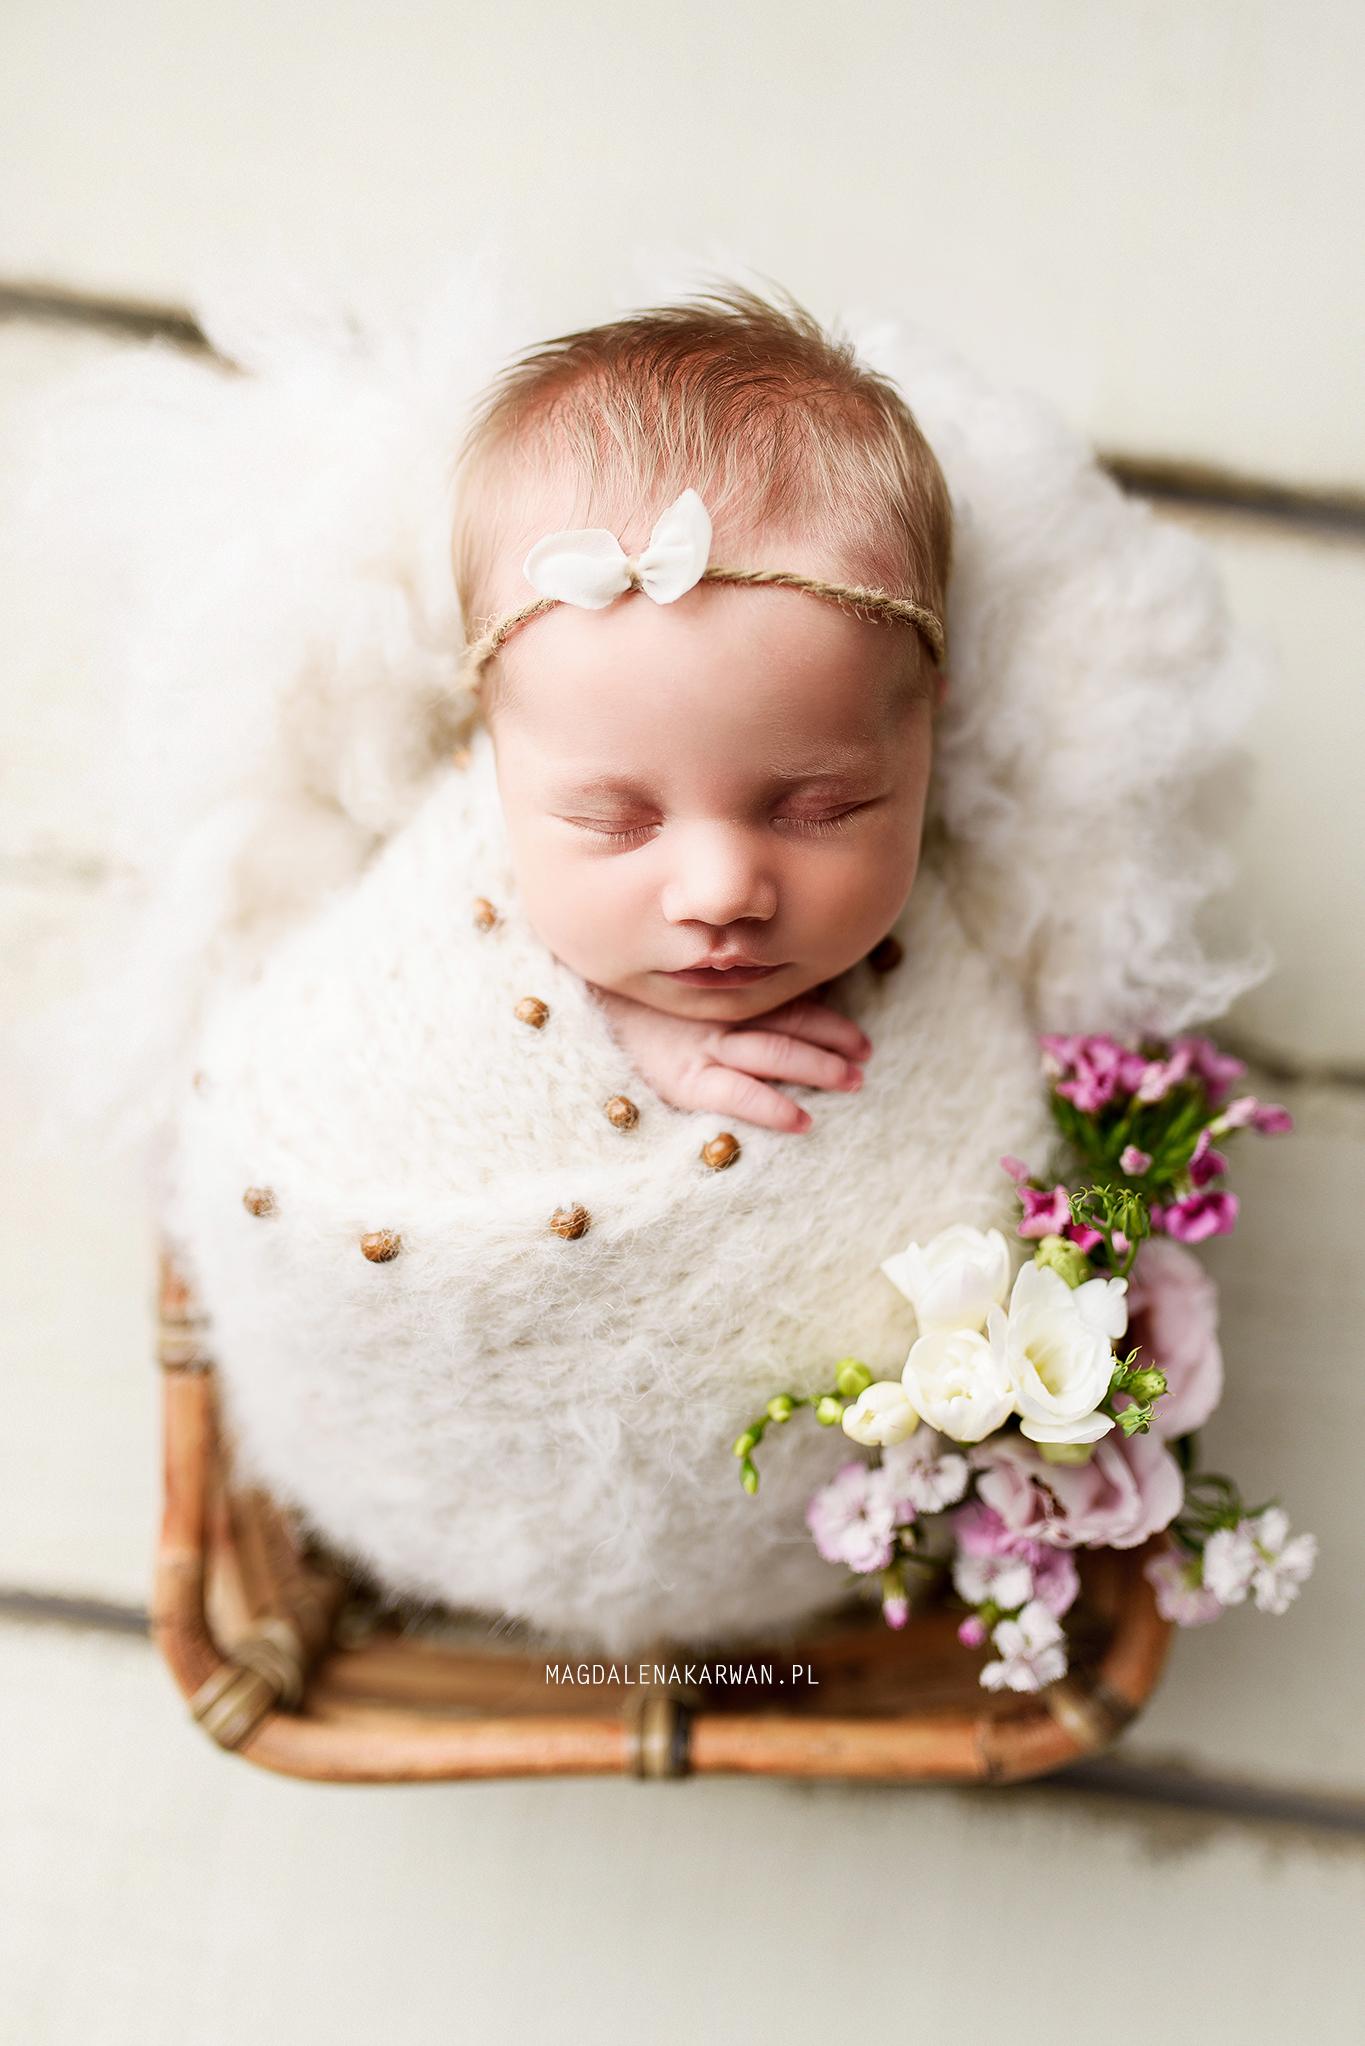 zdjęcia noworodka_slask_karwan